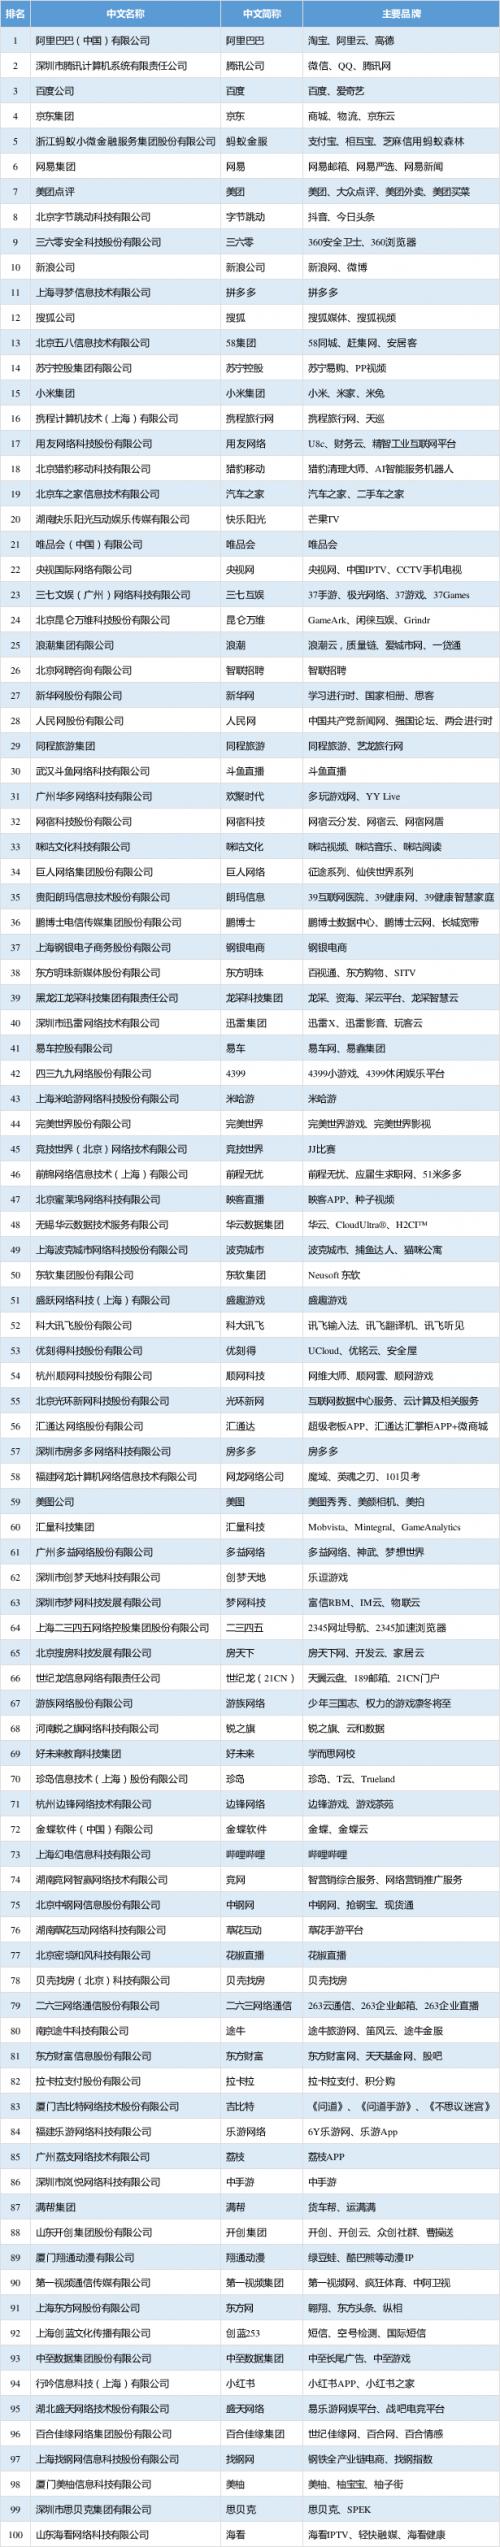 2019年中国互联网企业100强名单